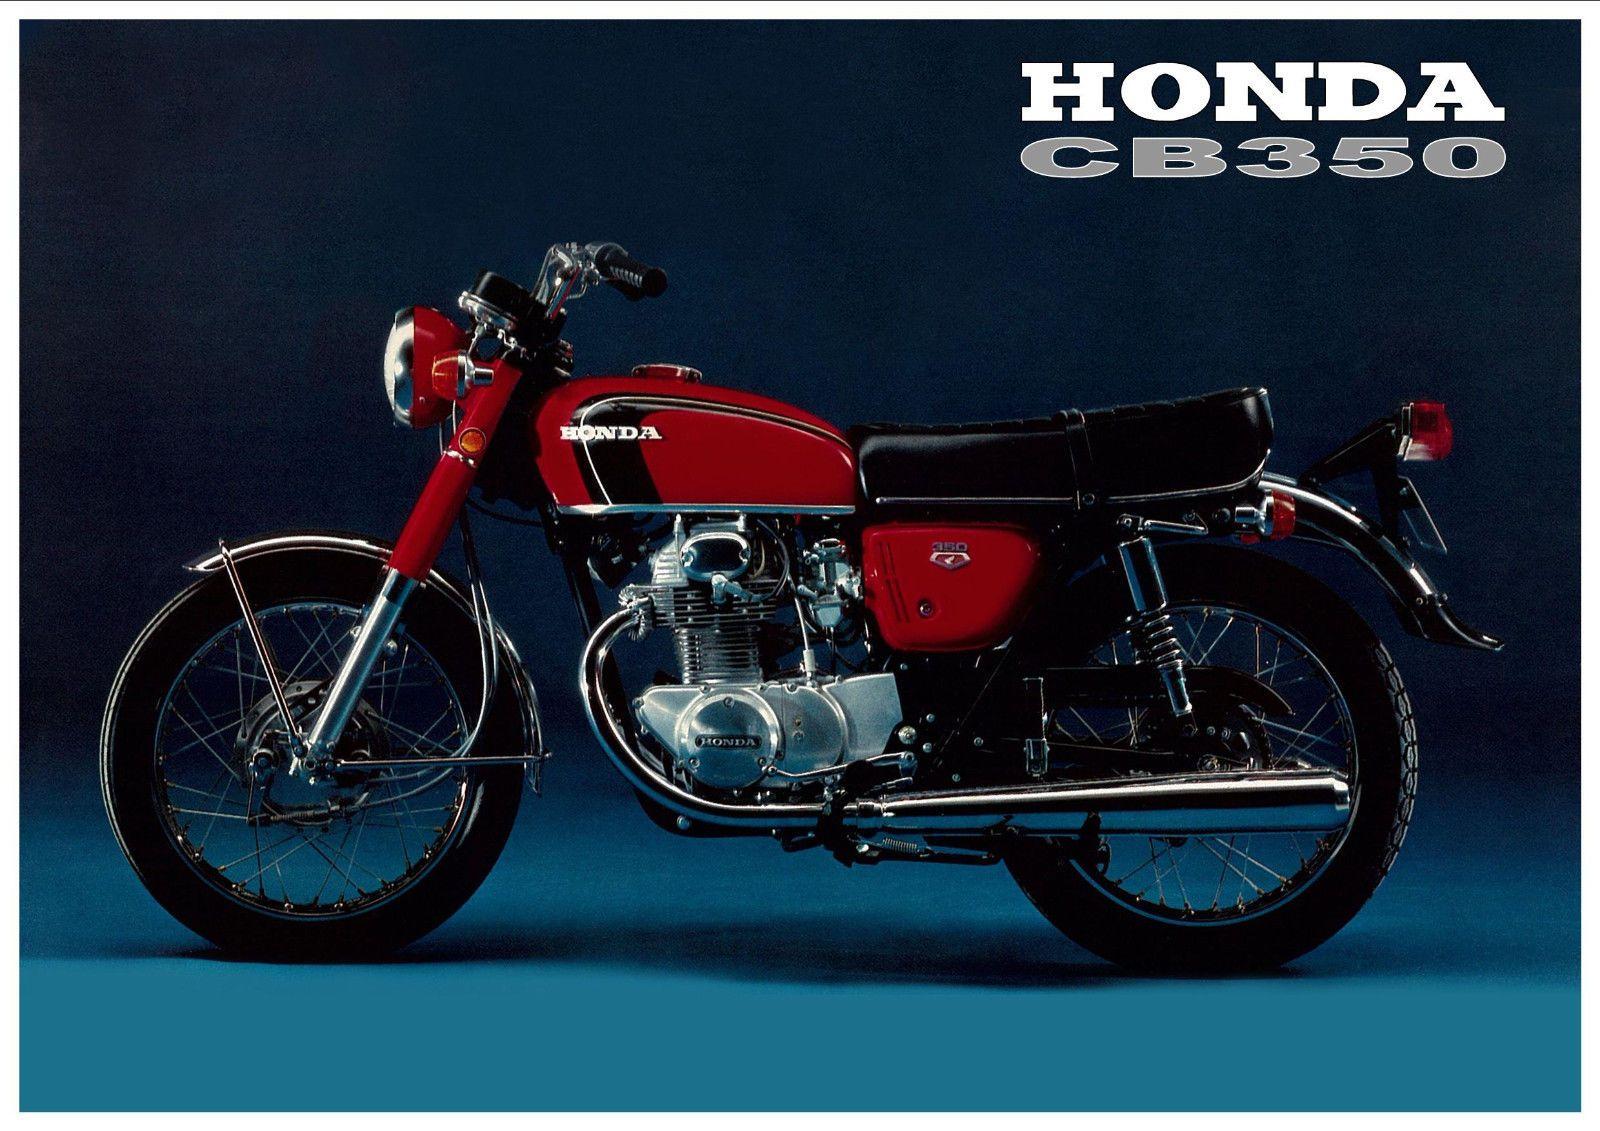 Design poster k3 - Details About Honda Poster Cb350 K3 1970 1971 1972 Suitable 2 Frame